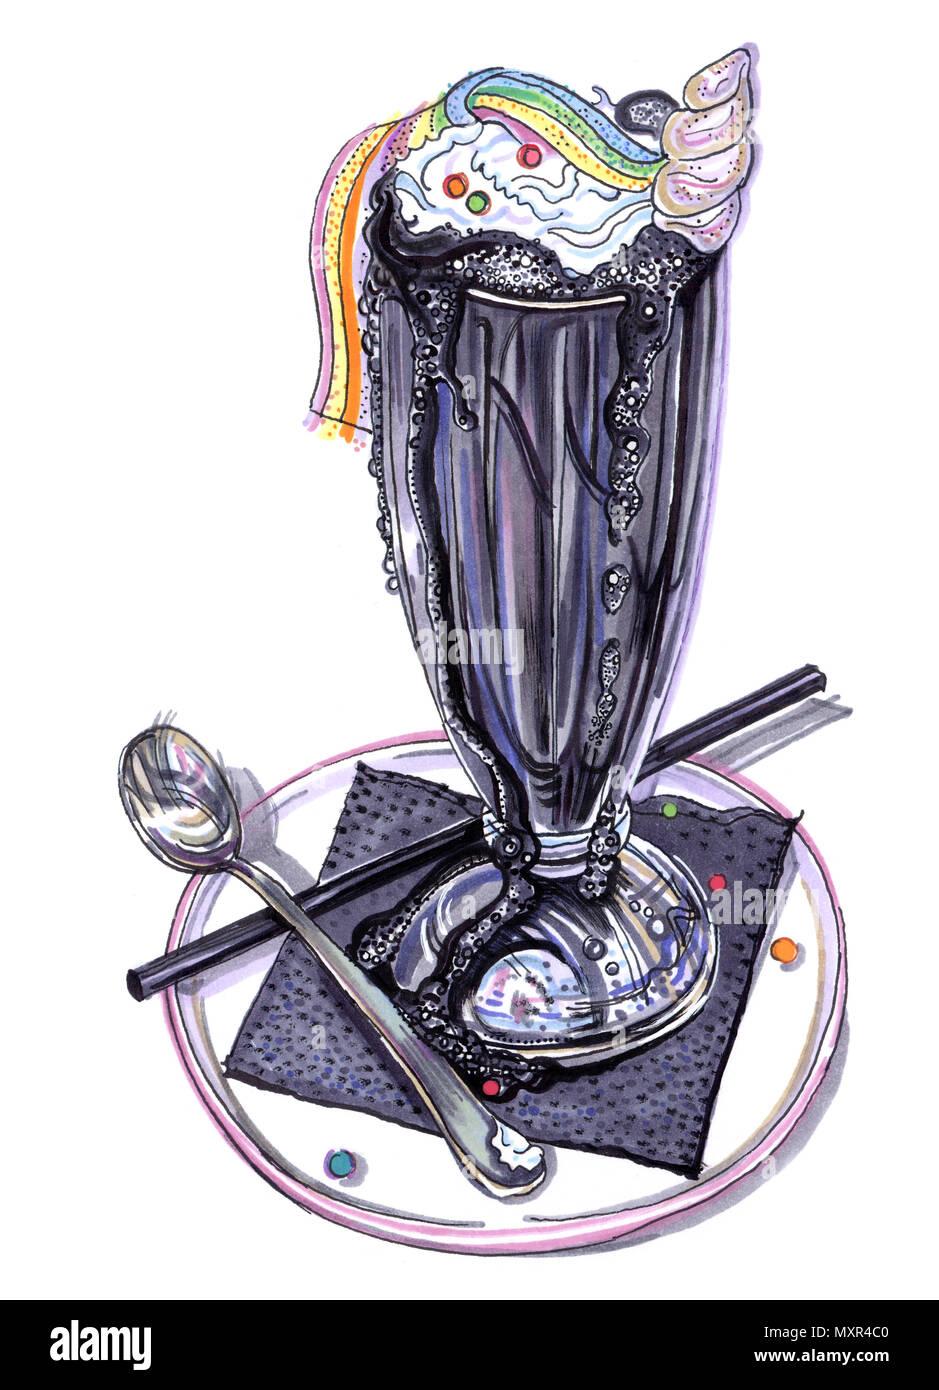 Black ice cream unicorn rainbow milk shake. Carino disegnato a mano pennarello indelebile immagine su sfondo bianco. Pastello alla Moda goth dessert estivo. Immagini Stock